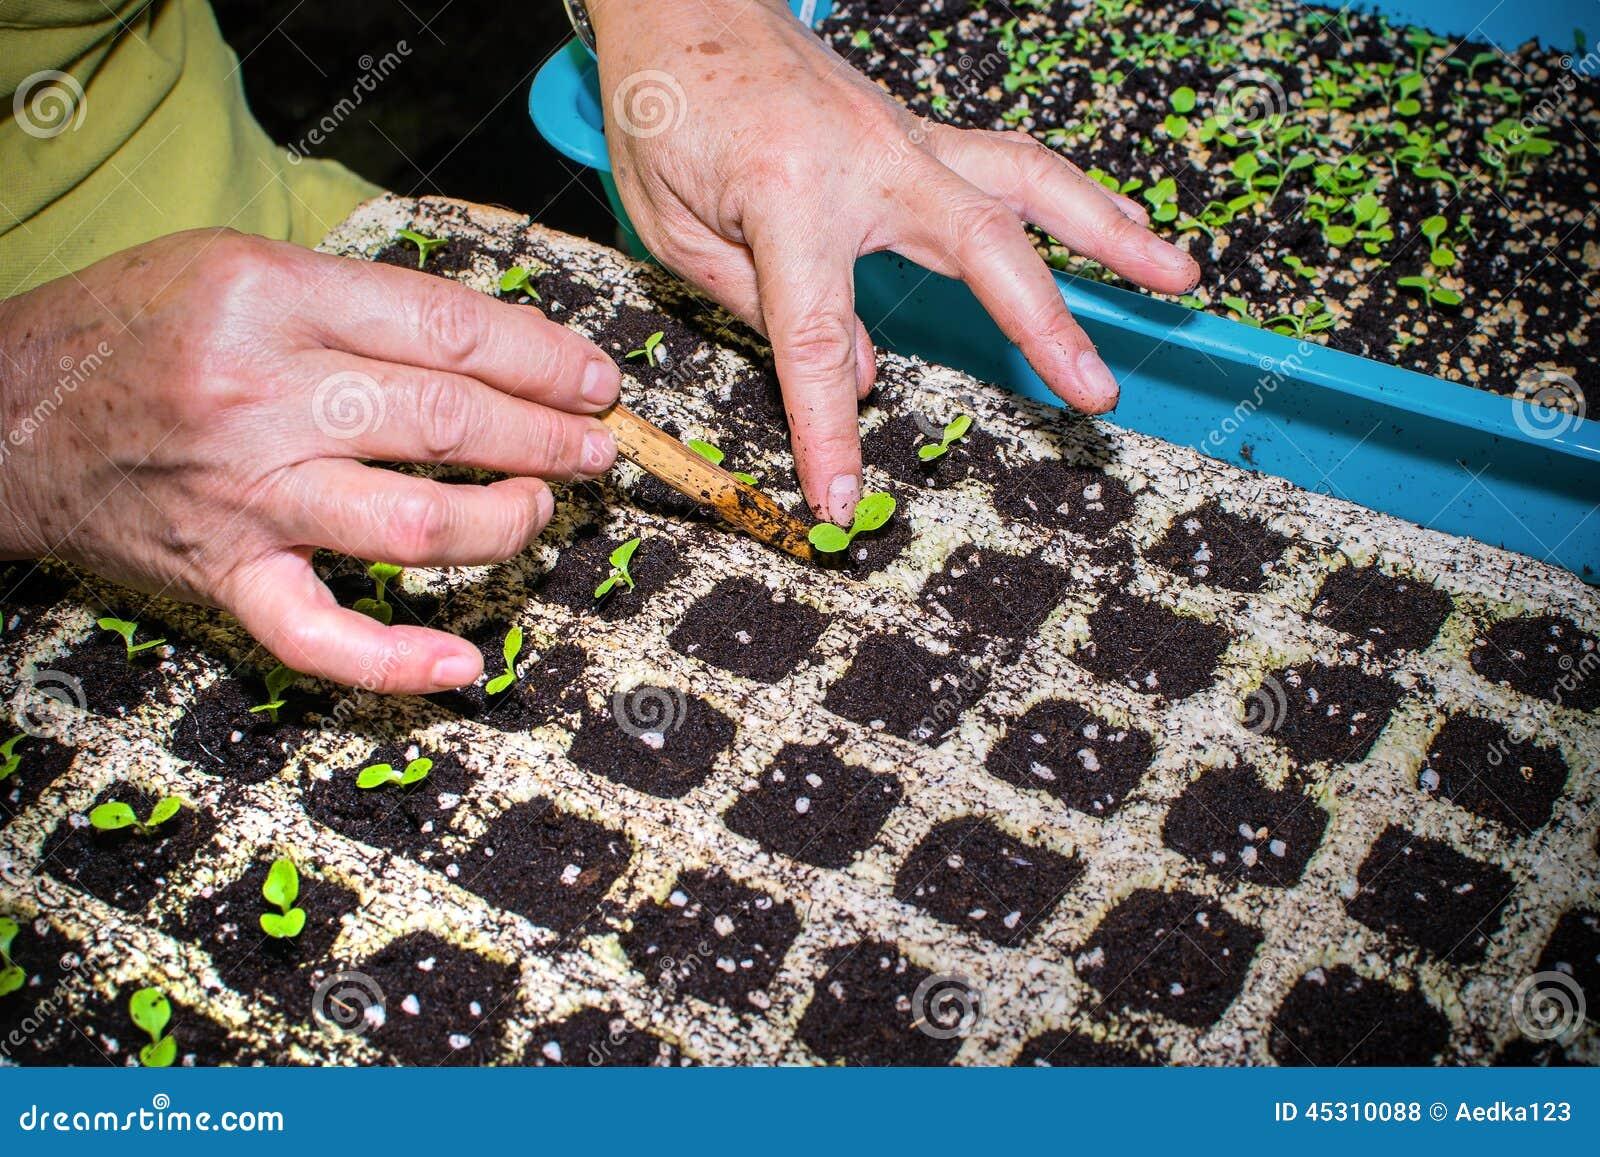 栽培植物,移植年幼植物的手库存...